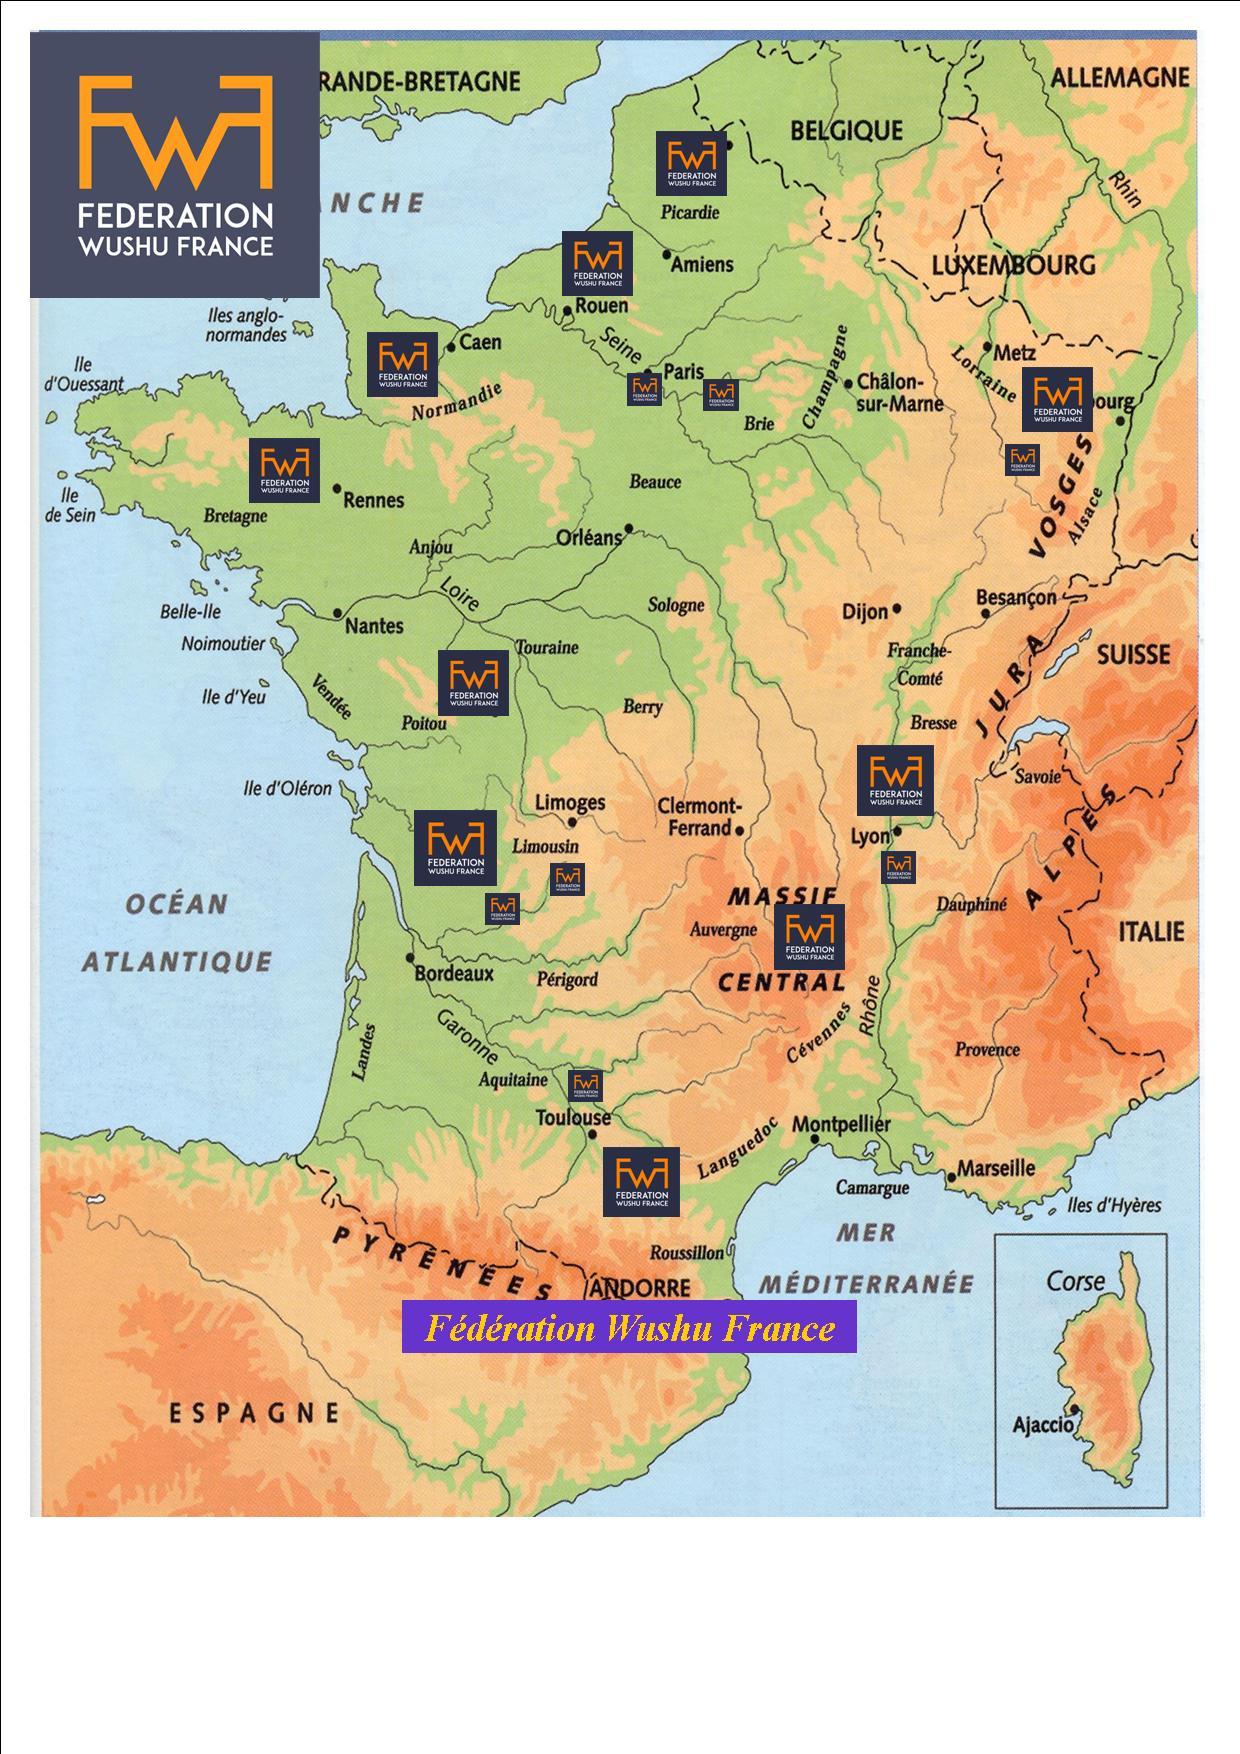 Carte De France Et Ses Régions 2 - Fédération Wushu France encequiconcerne Carte De France Et Ses Régions